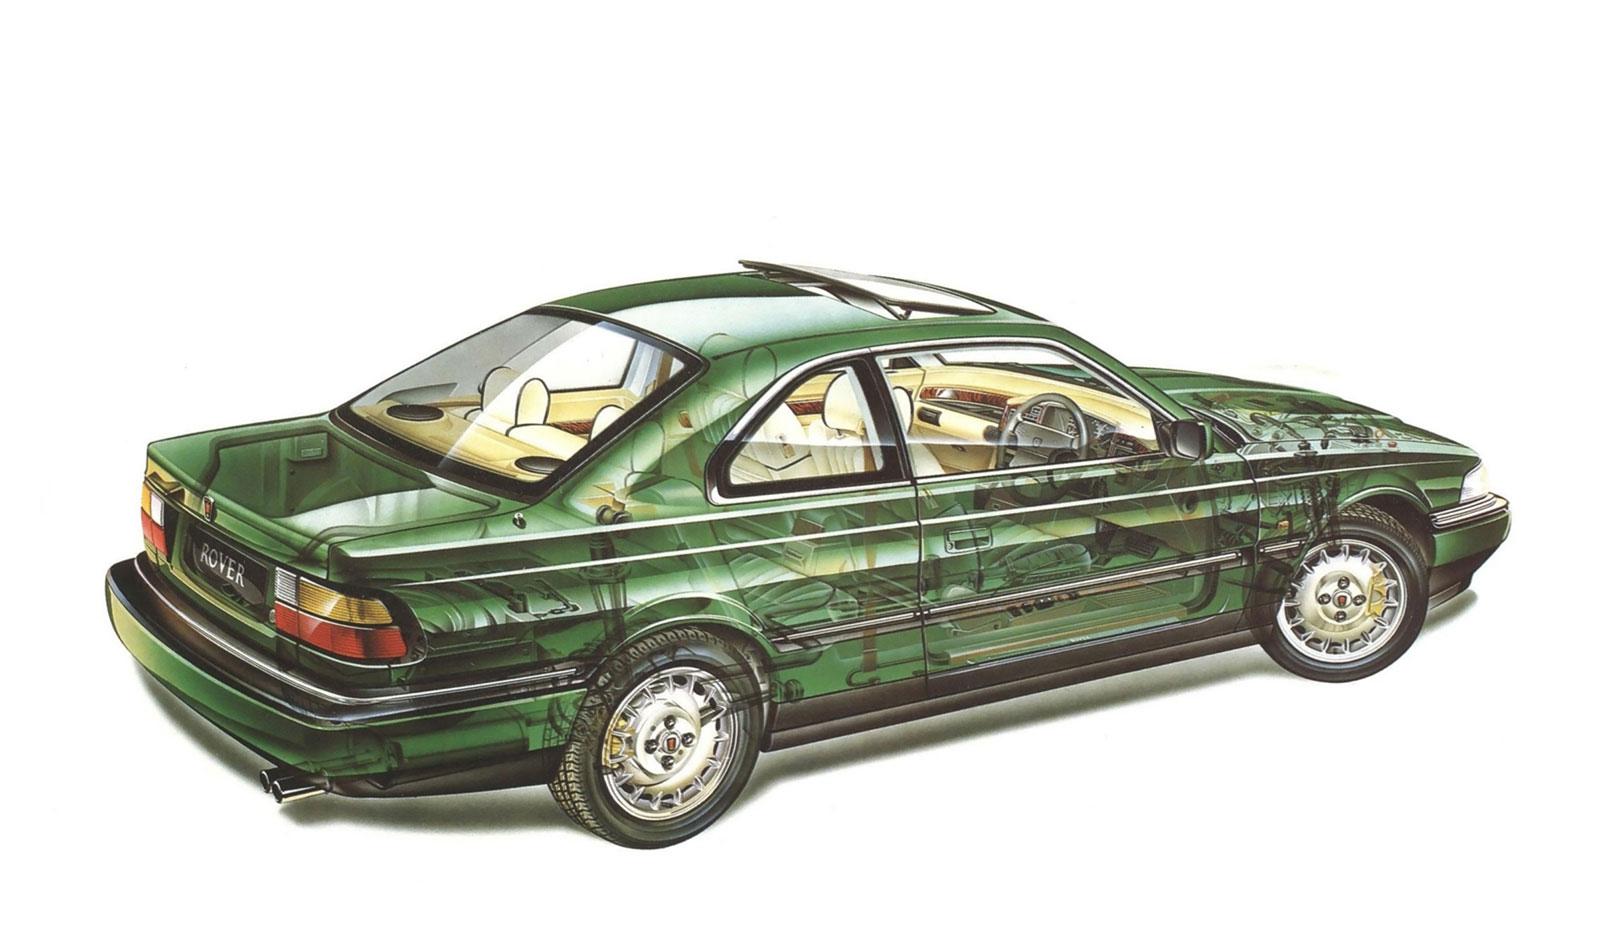 Rover 800 cutaway drawing